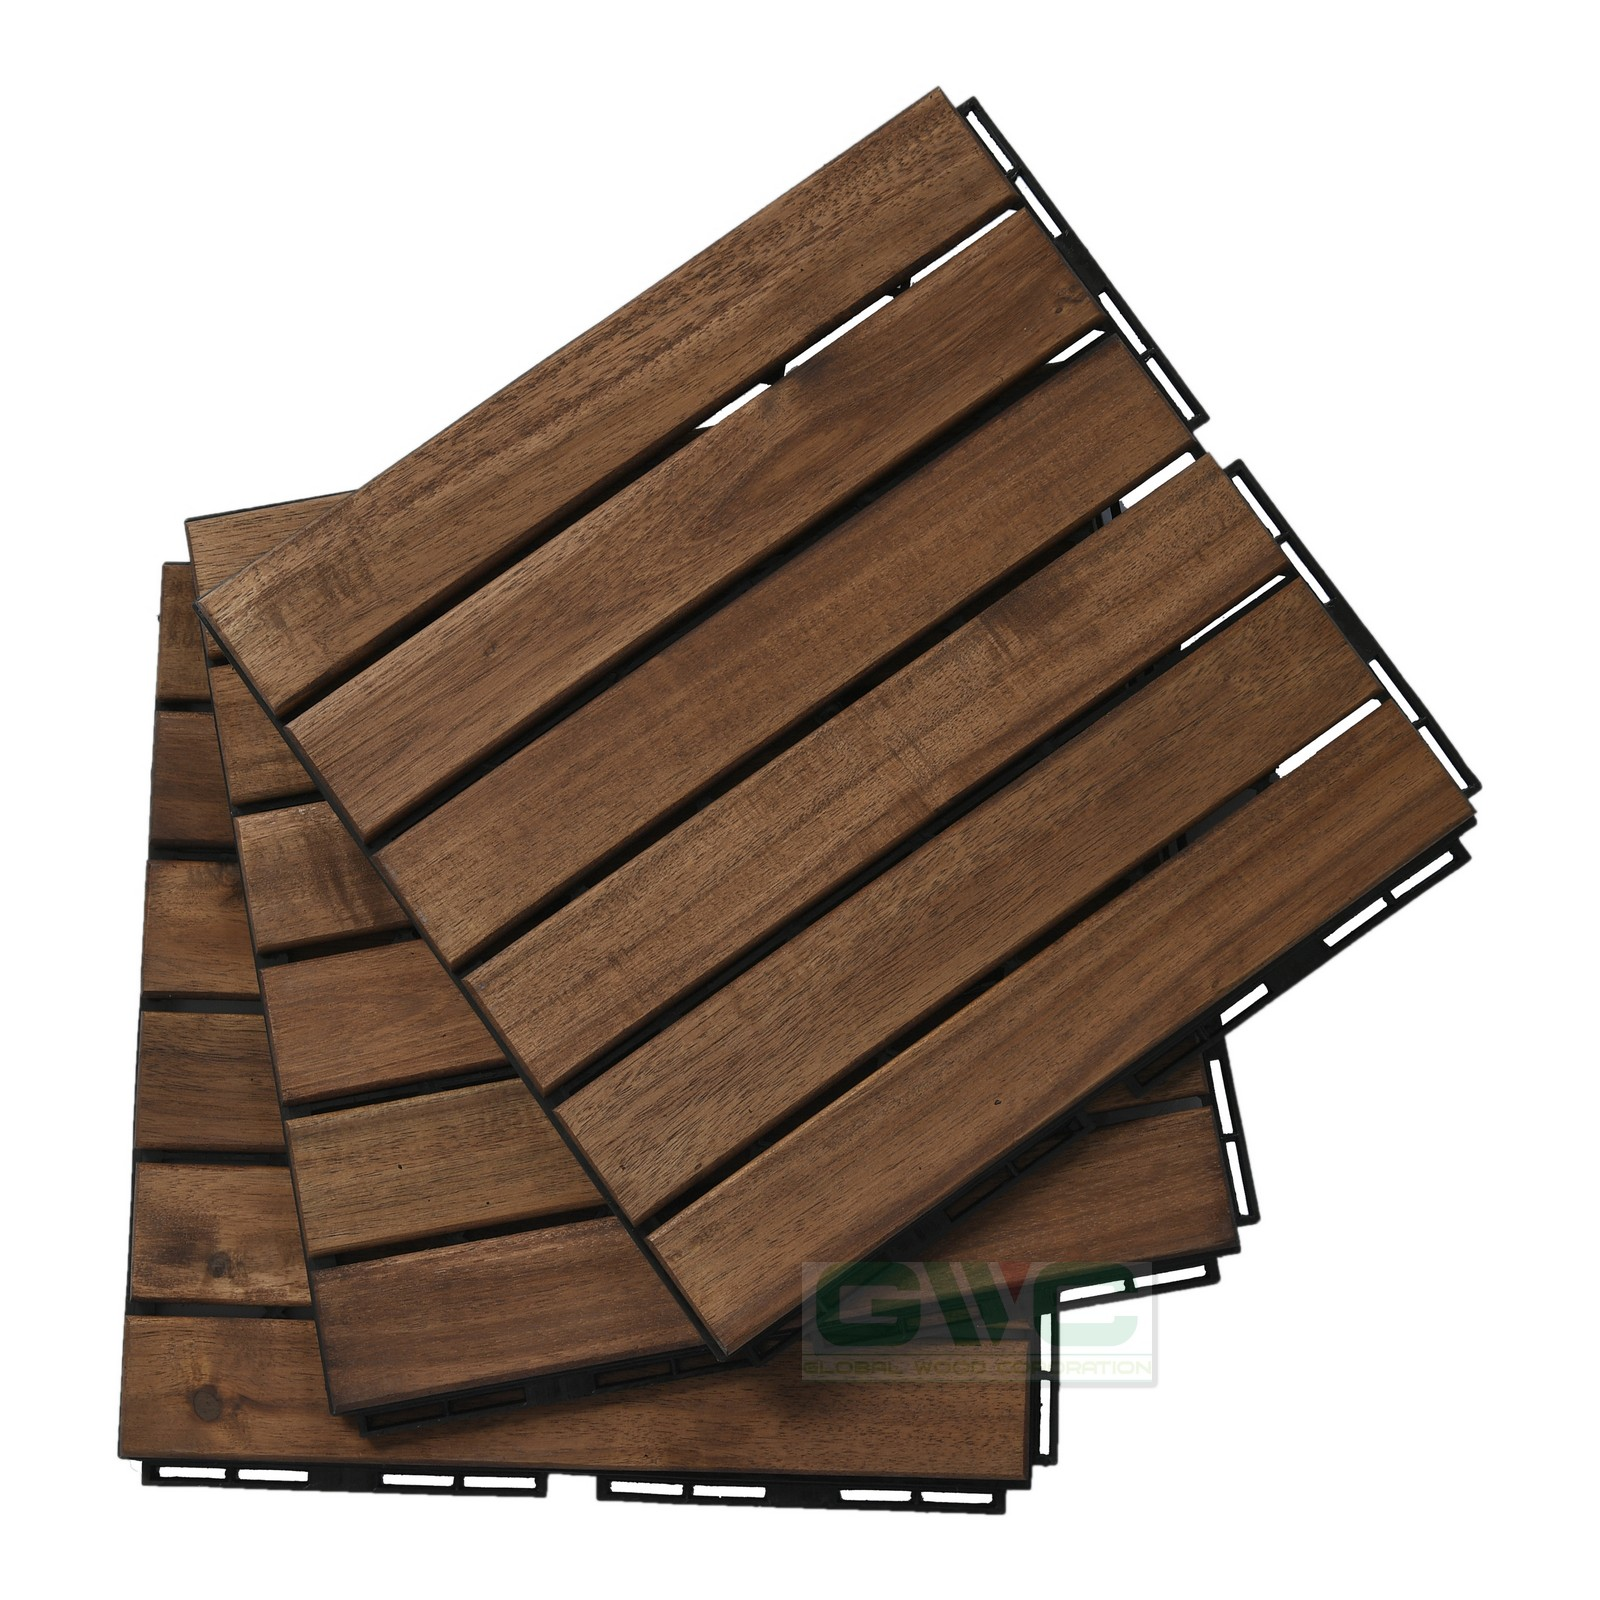 NK Vietnam Wood Interlocking Deck Tiles For Garden/Balcony